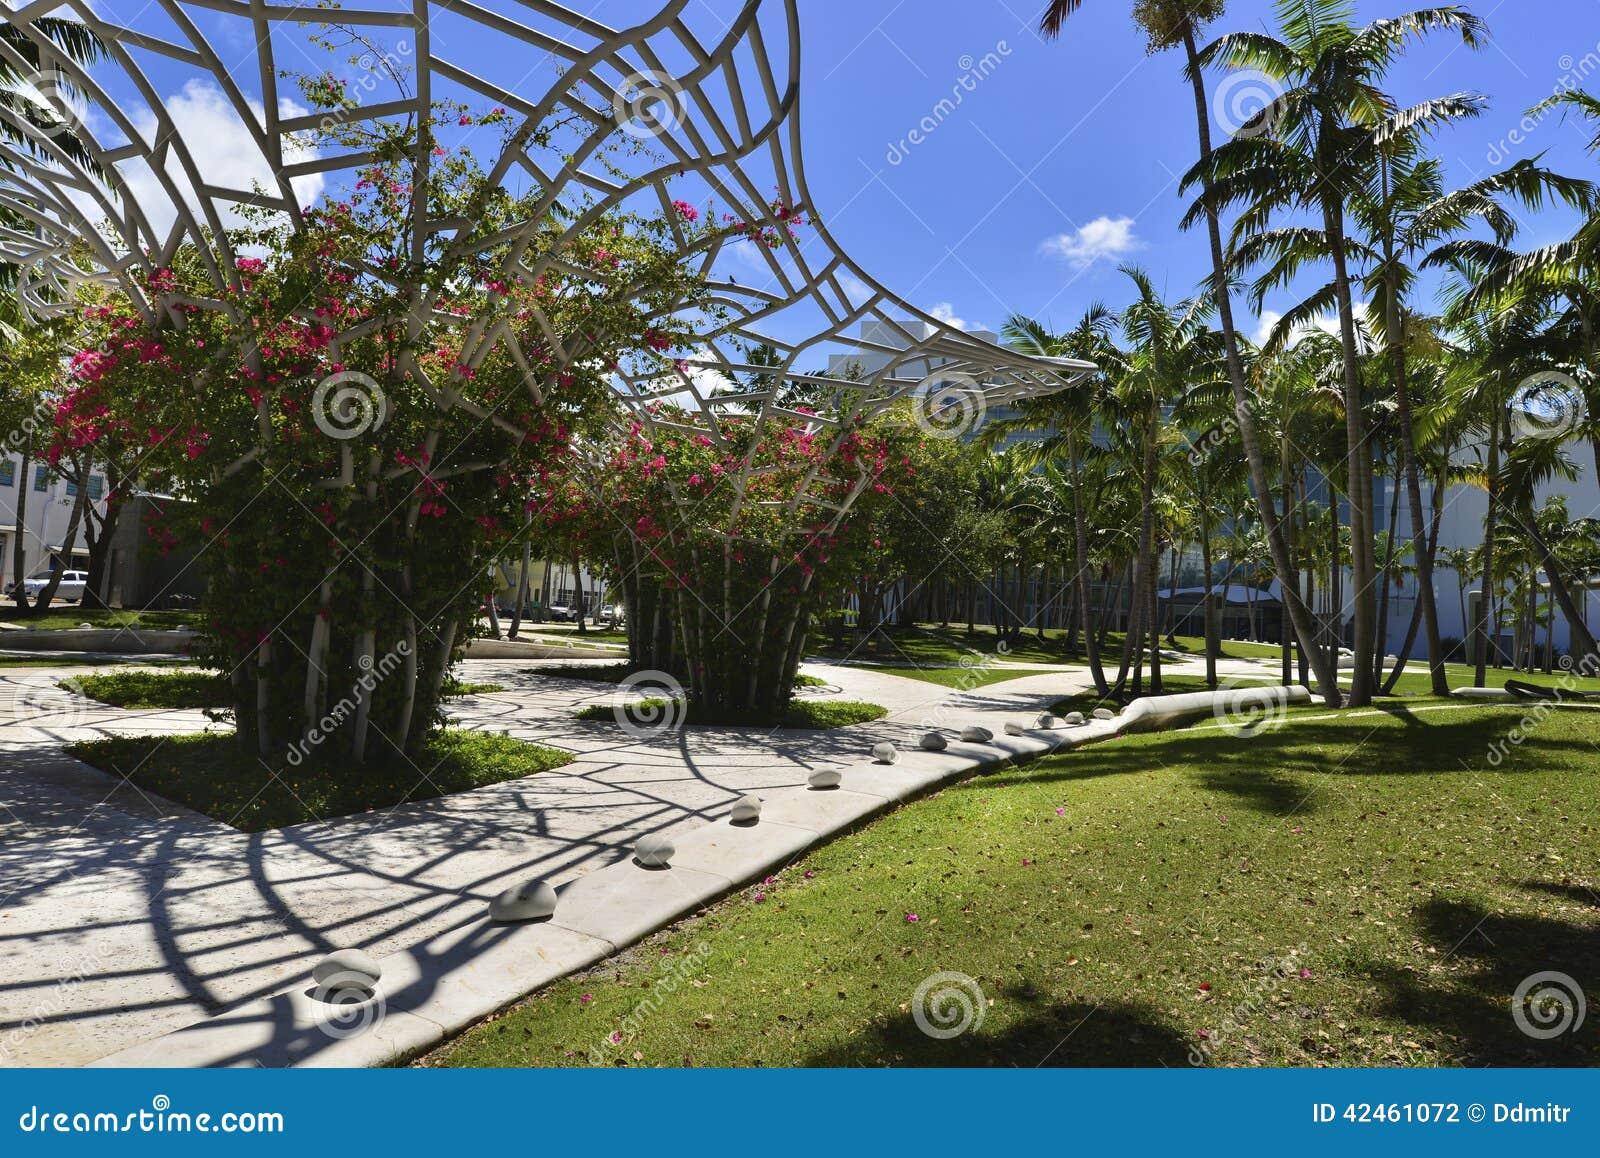 Miami Beach Lincoln Park